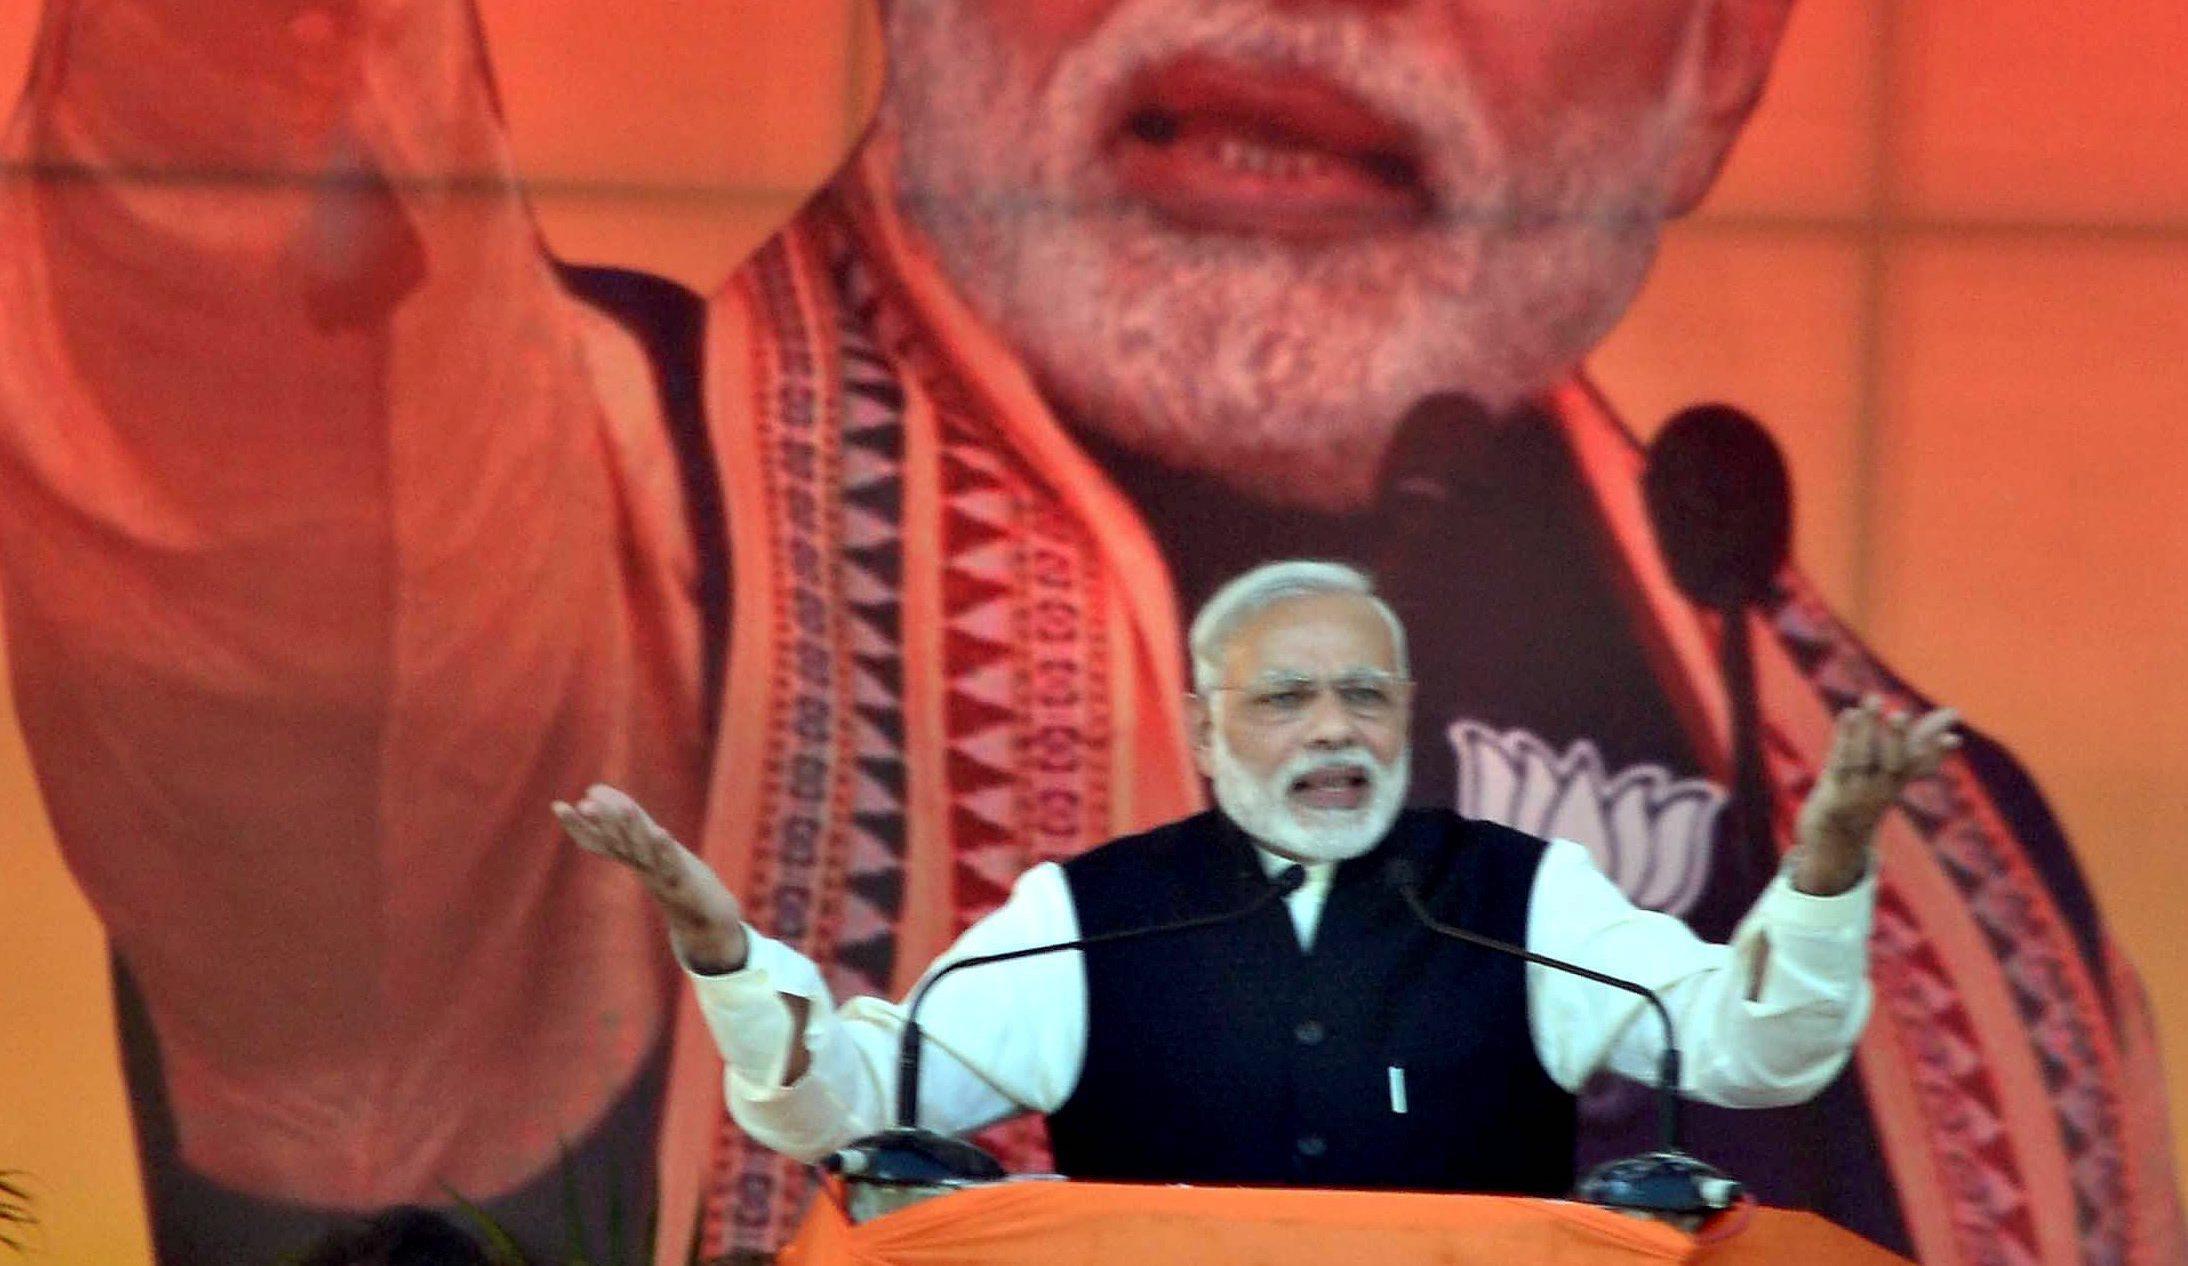 Prime Minister Narendra Modi addressing BJP's Parivartan Rally in Agra on November 20, 2016. Credit: PTI